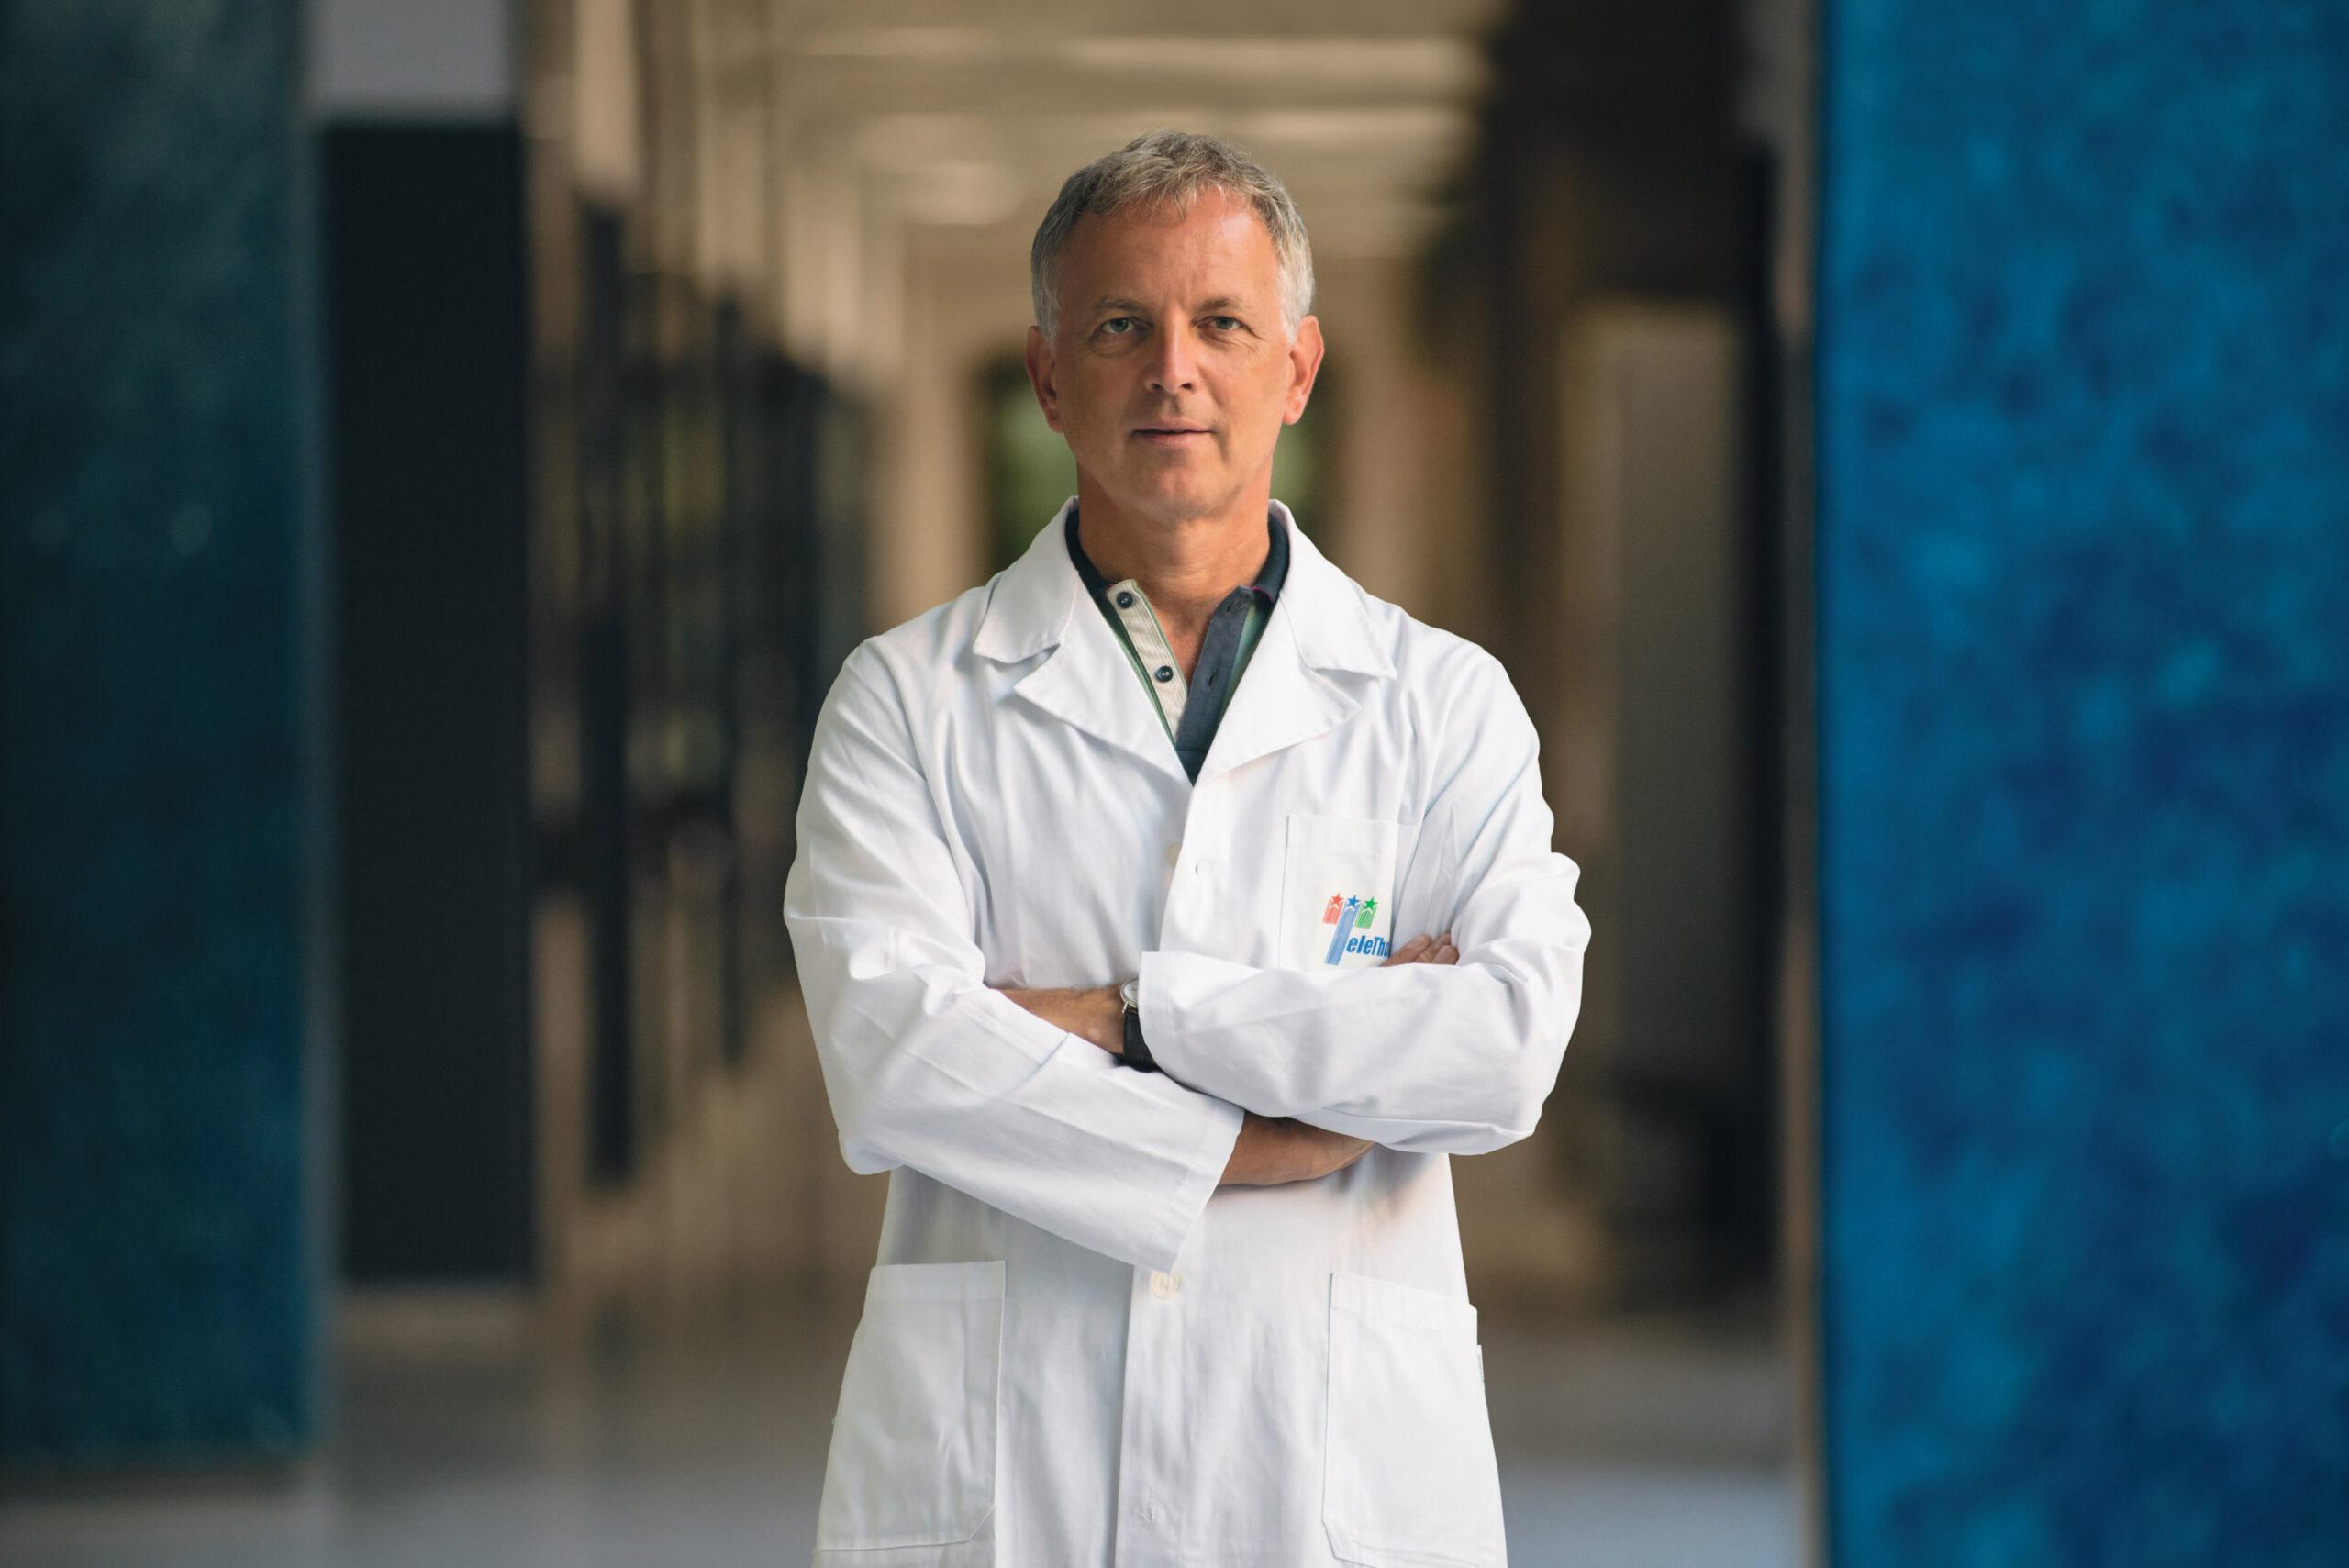 Medicina del futuro y relación entre científicos y comunidad se abordarán en el Festival de Ciencia Puerto de Ideas Antofagasta 2021